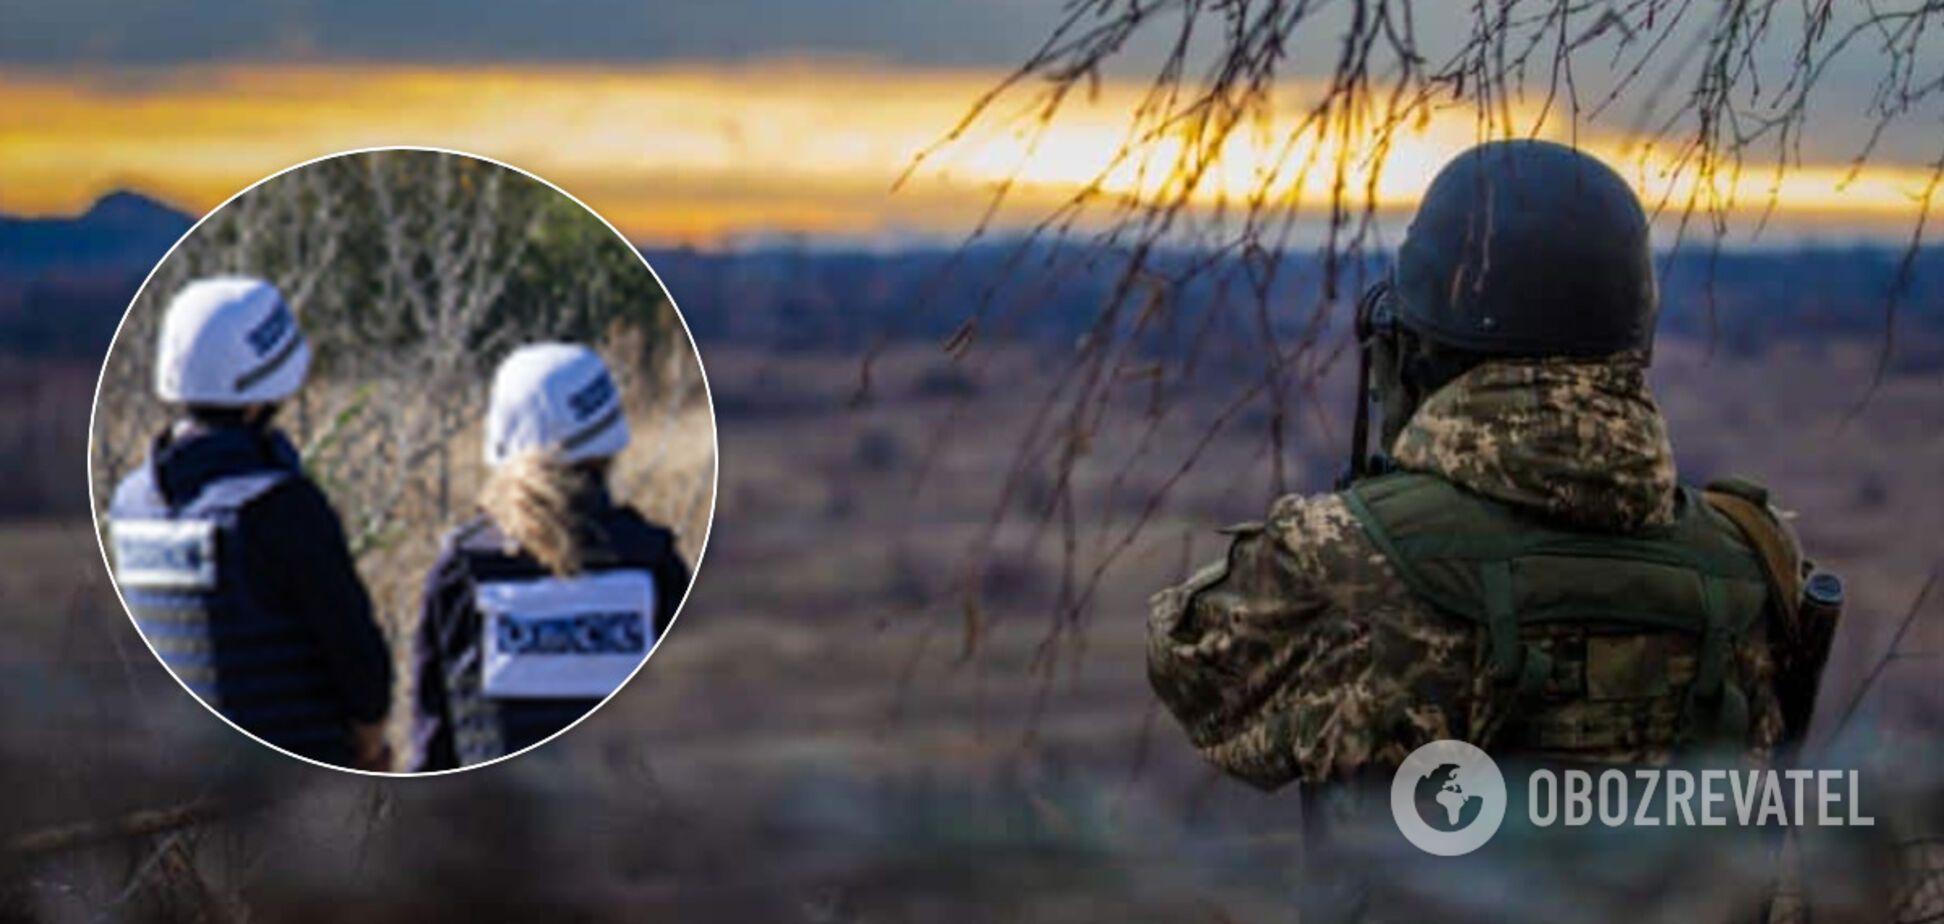 Бывший разведчик спрогнозировал новые точки разведения сил на Донбассе